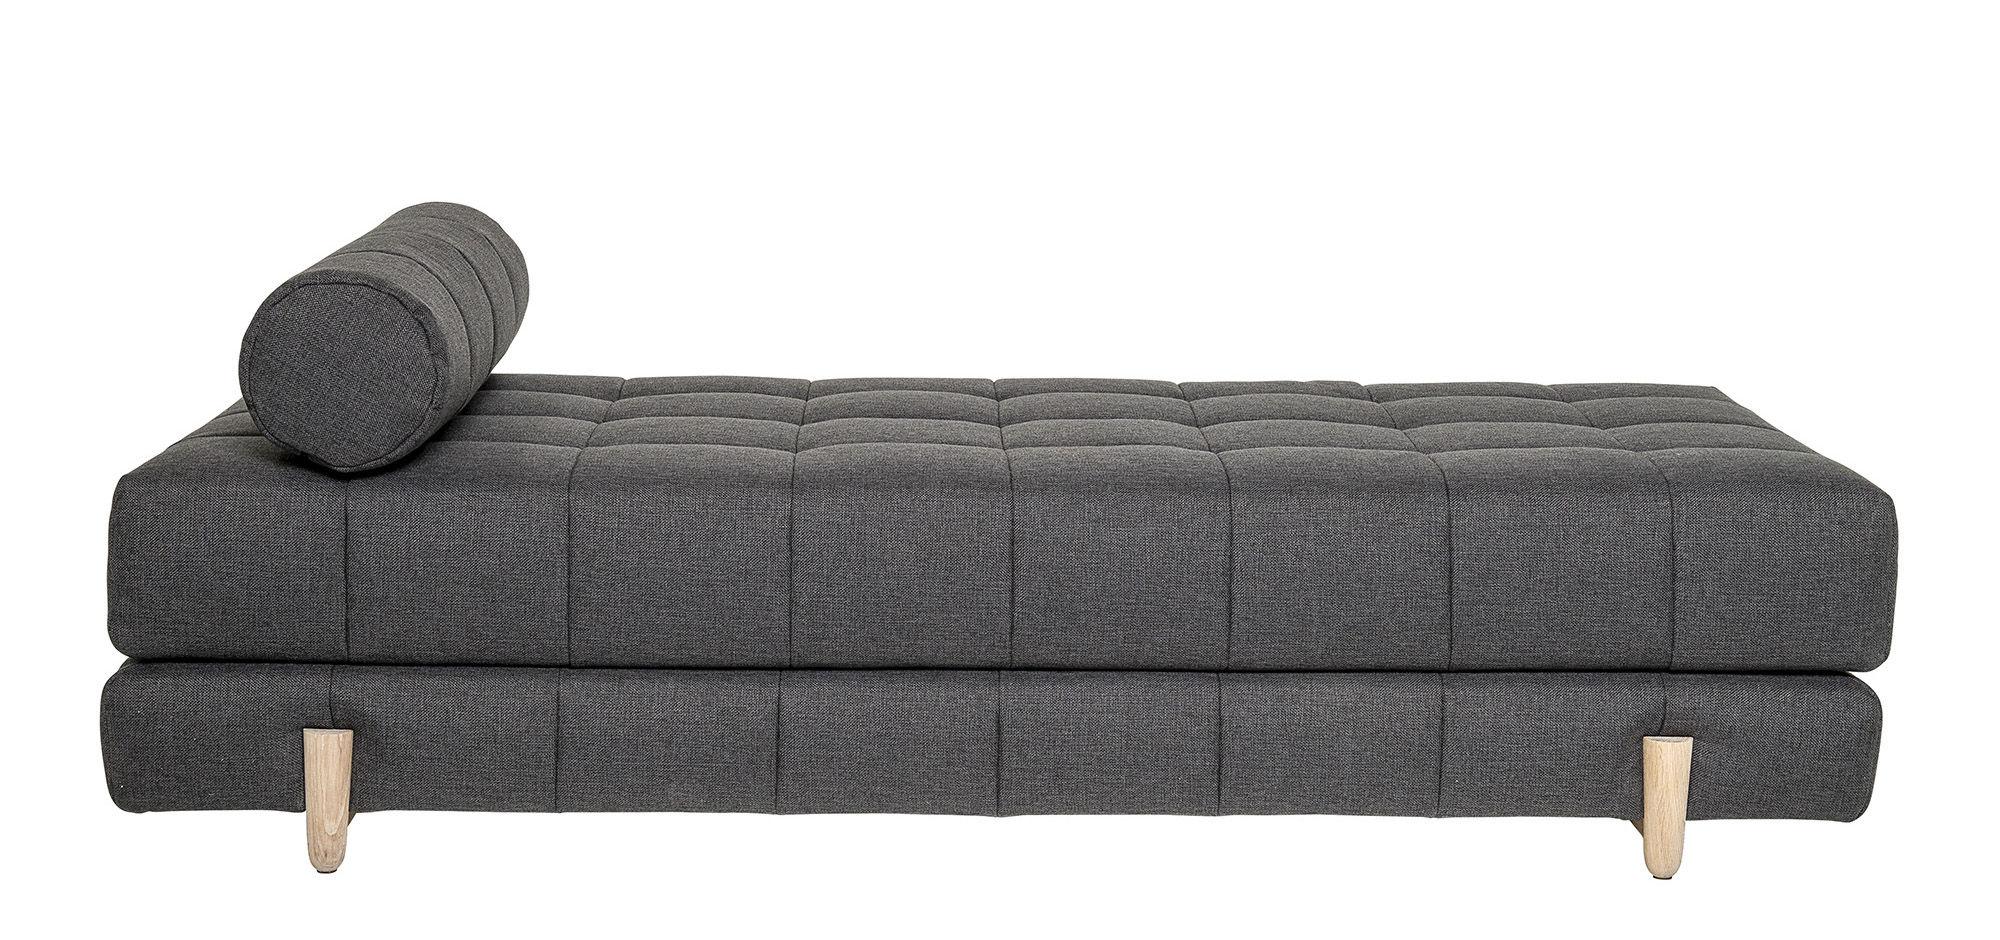 lit de jour bulky bloomingville gris fonc ch ne. Black Bedroom Furniture Sets. Home Design Ideas